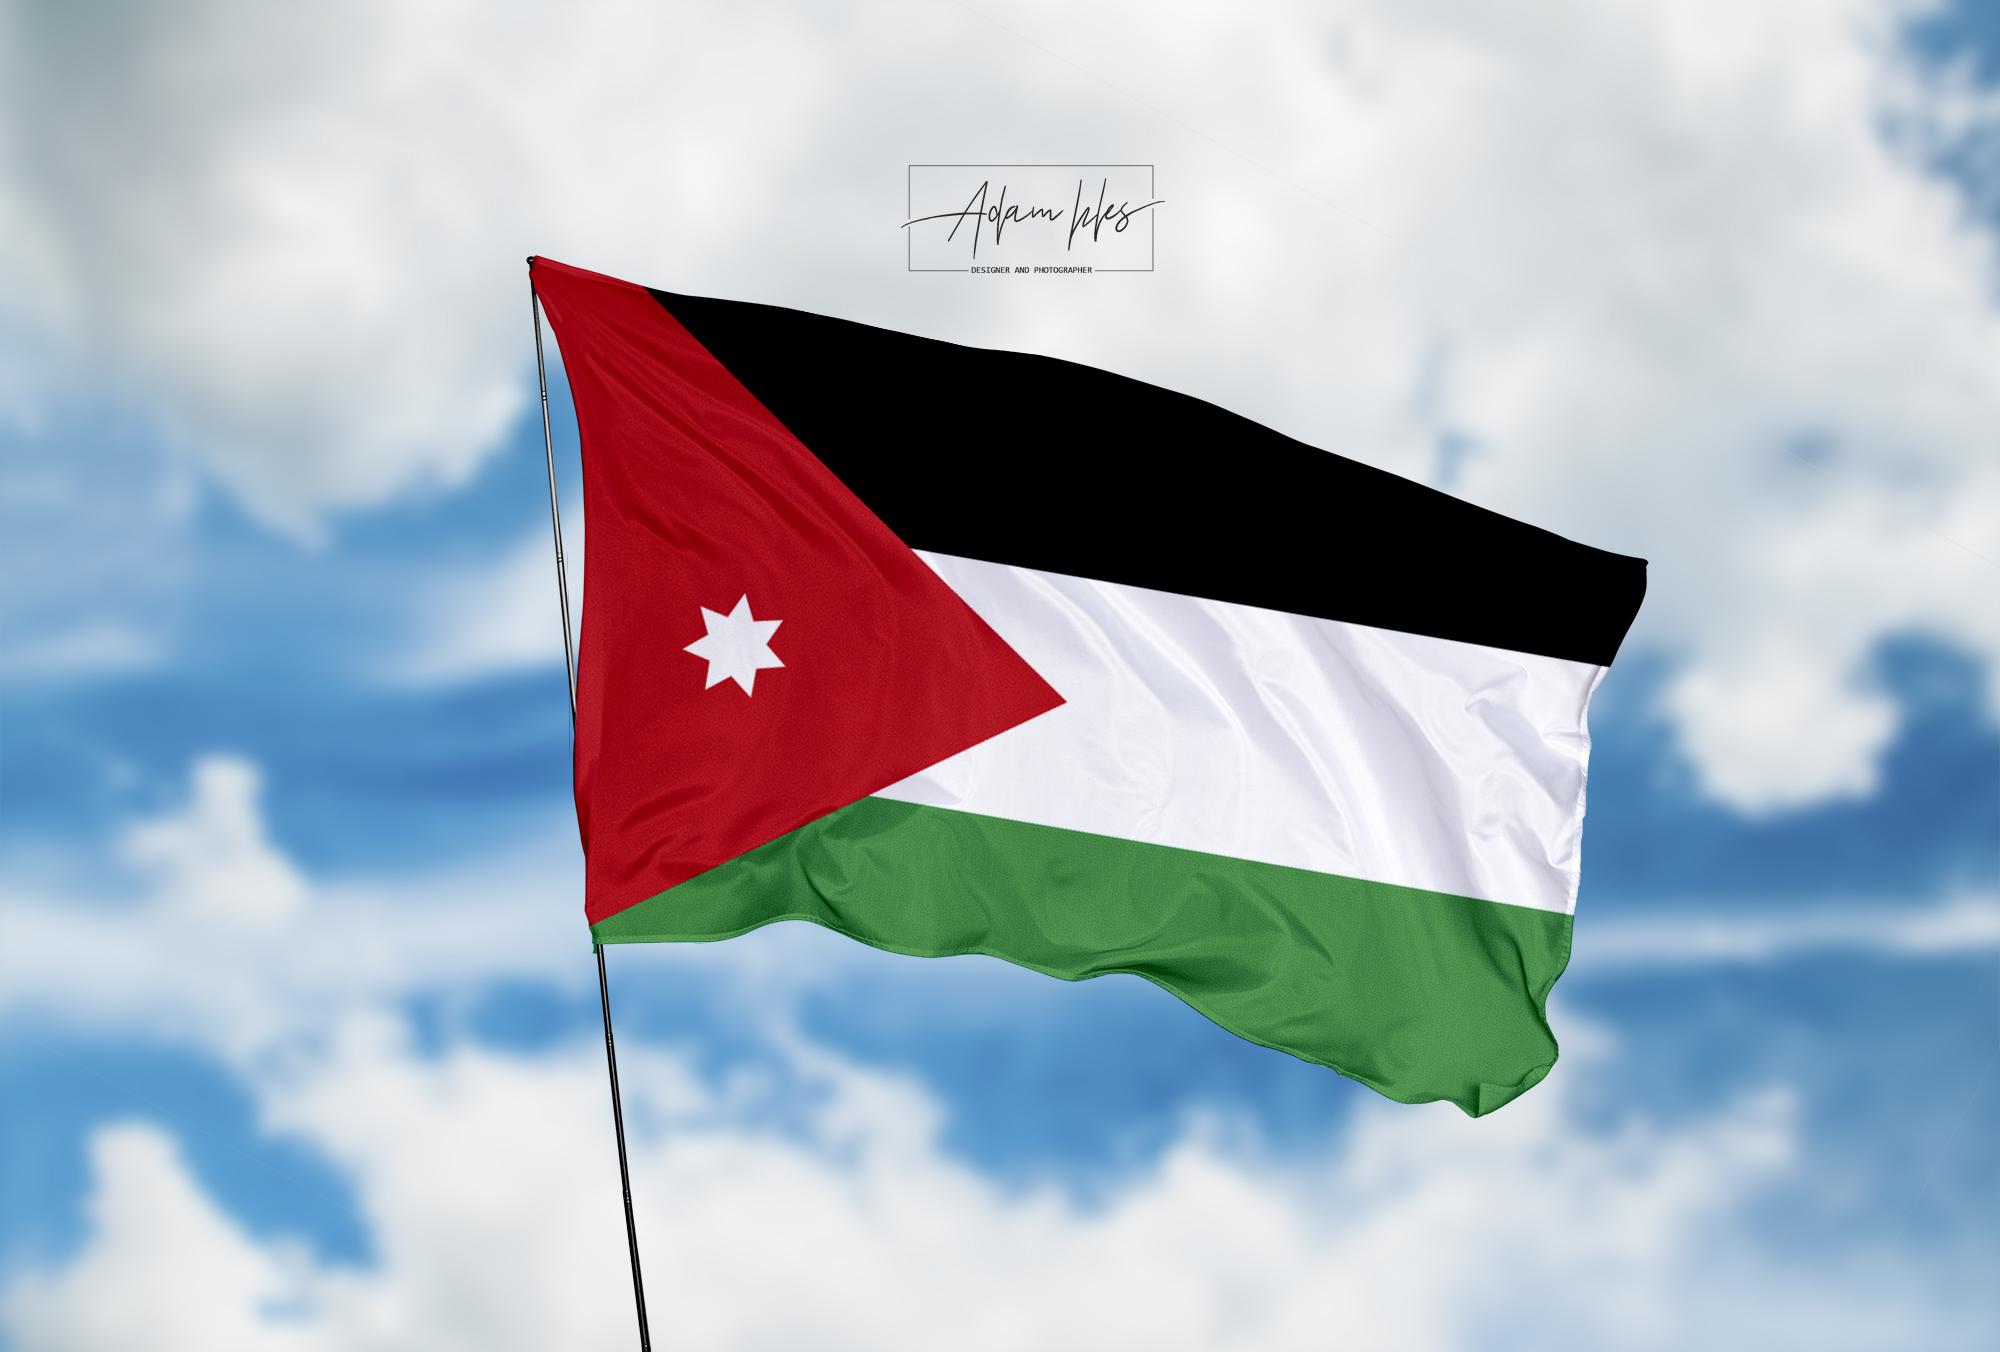 تحميل اجمل خلفية علم الأردن يرفرف في السماء - اجمل خلفيات الأردن الرائعة